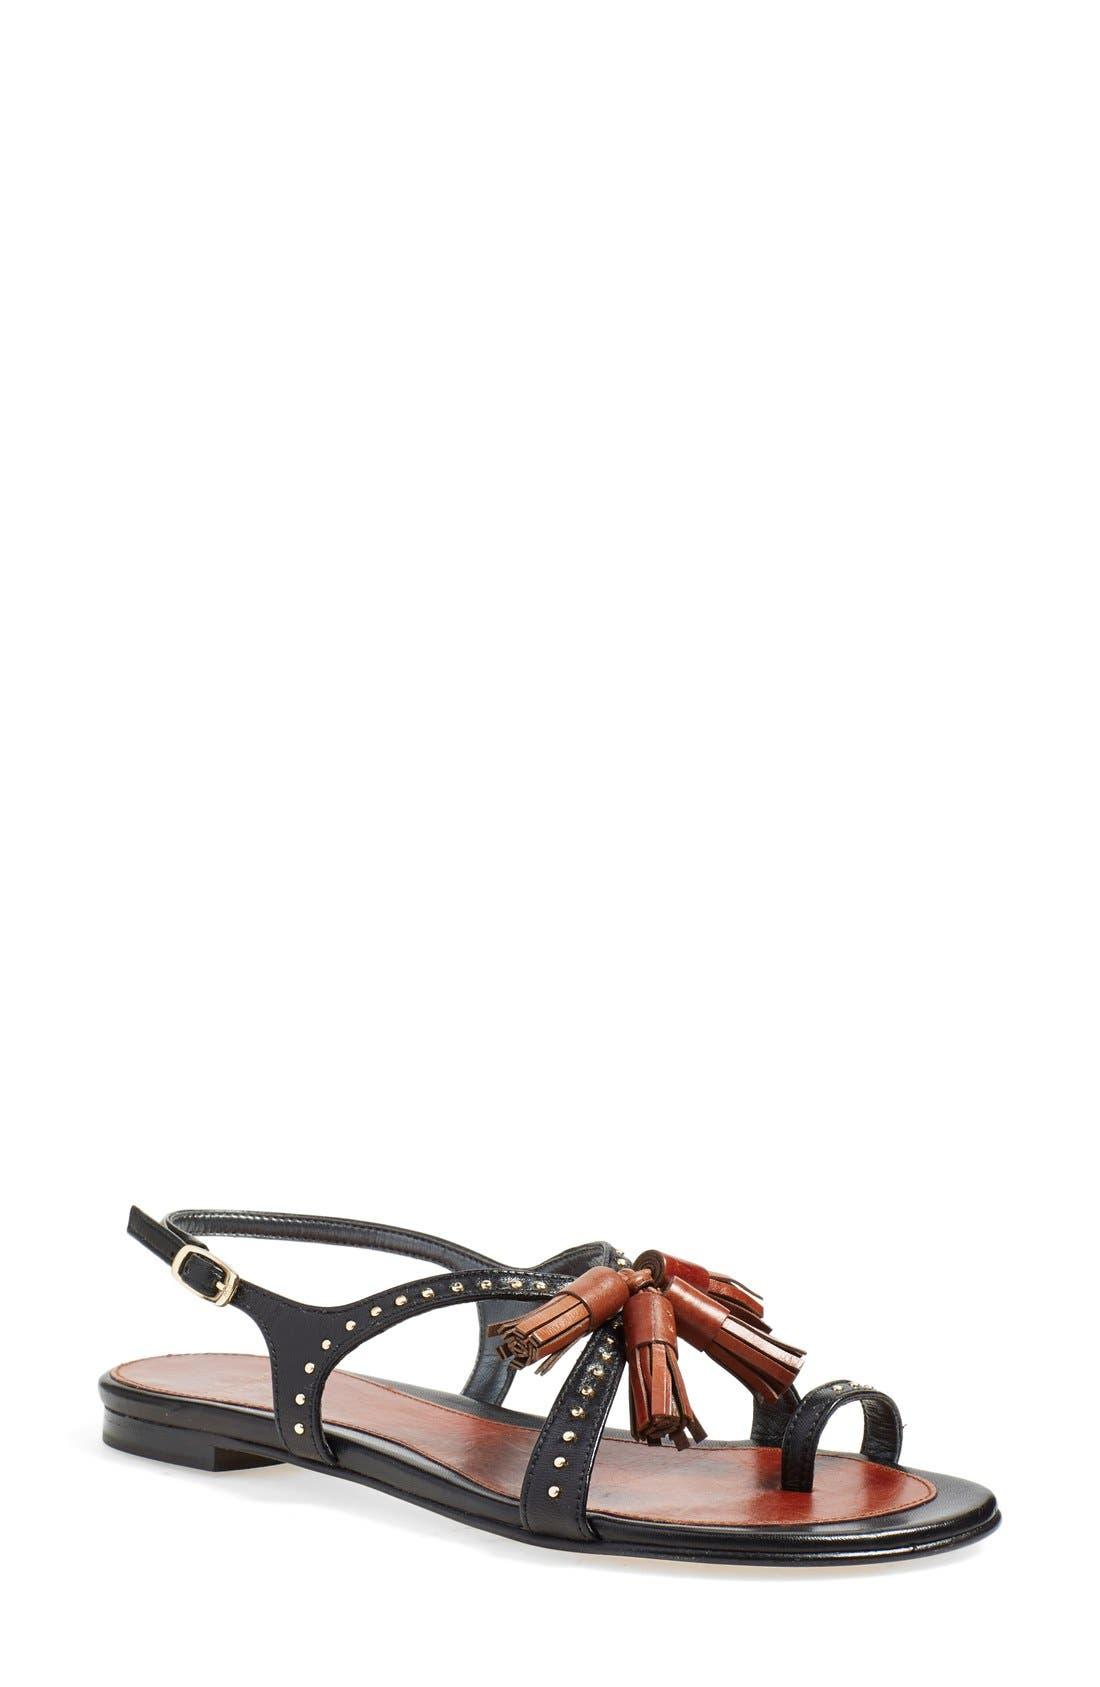 Main Image - Stuart Weitzman 'Flap Again' Flat Sandal (Women)